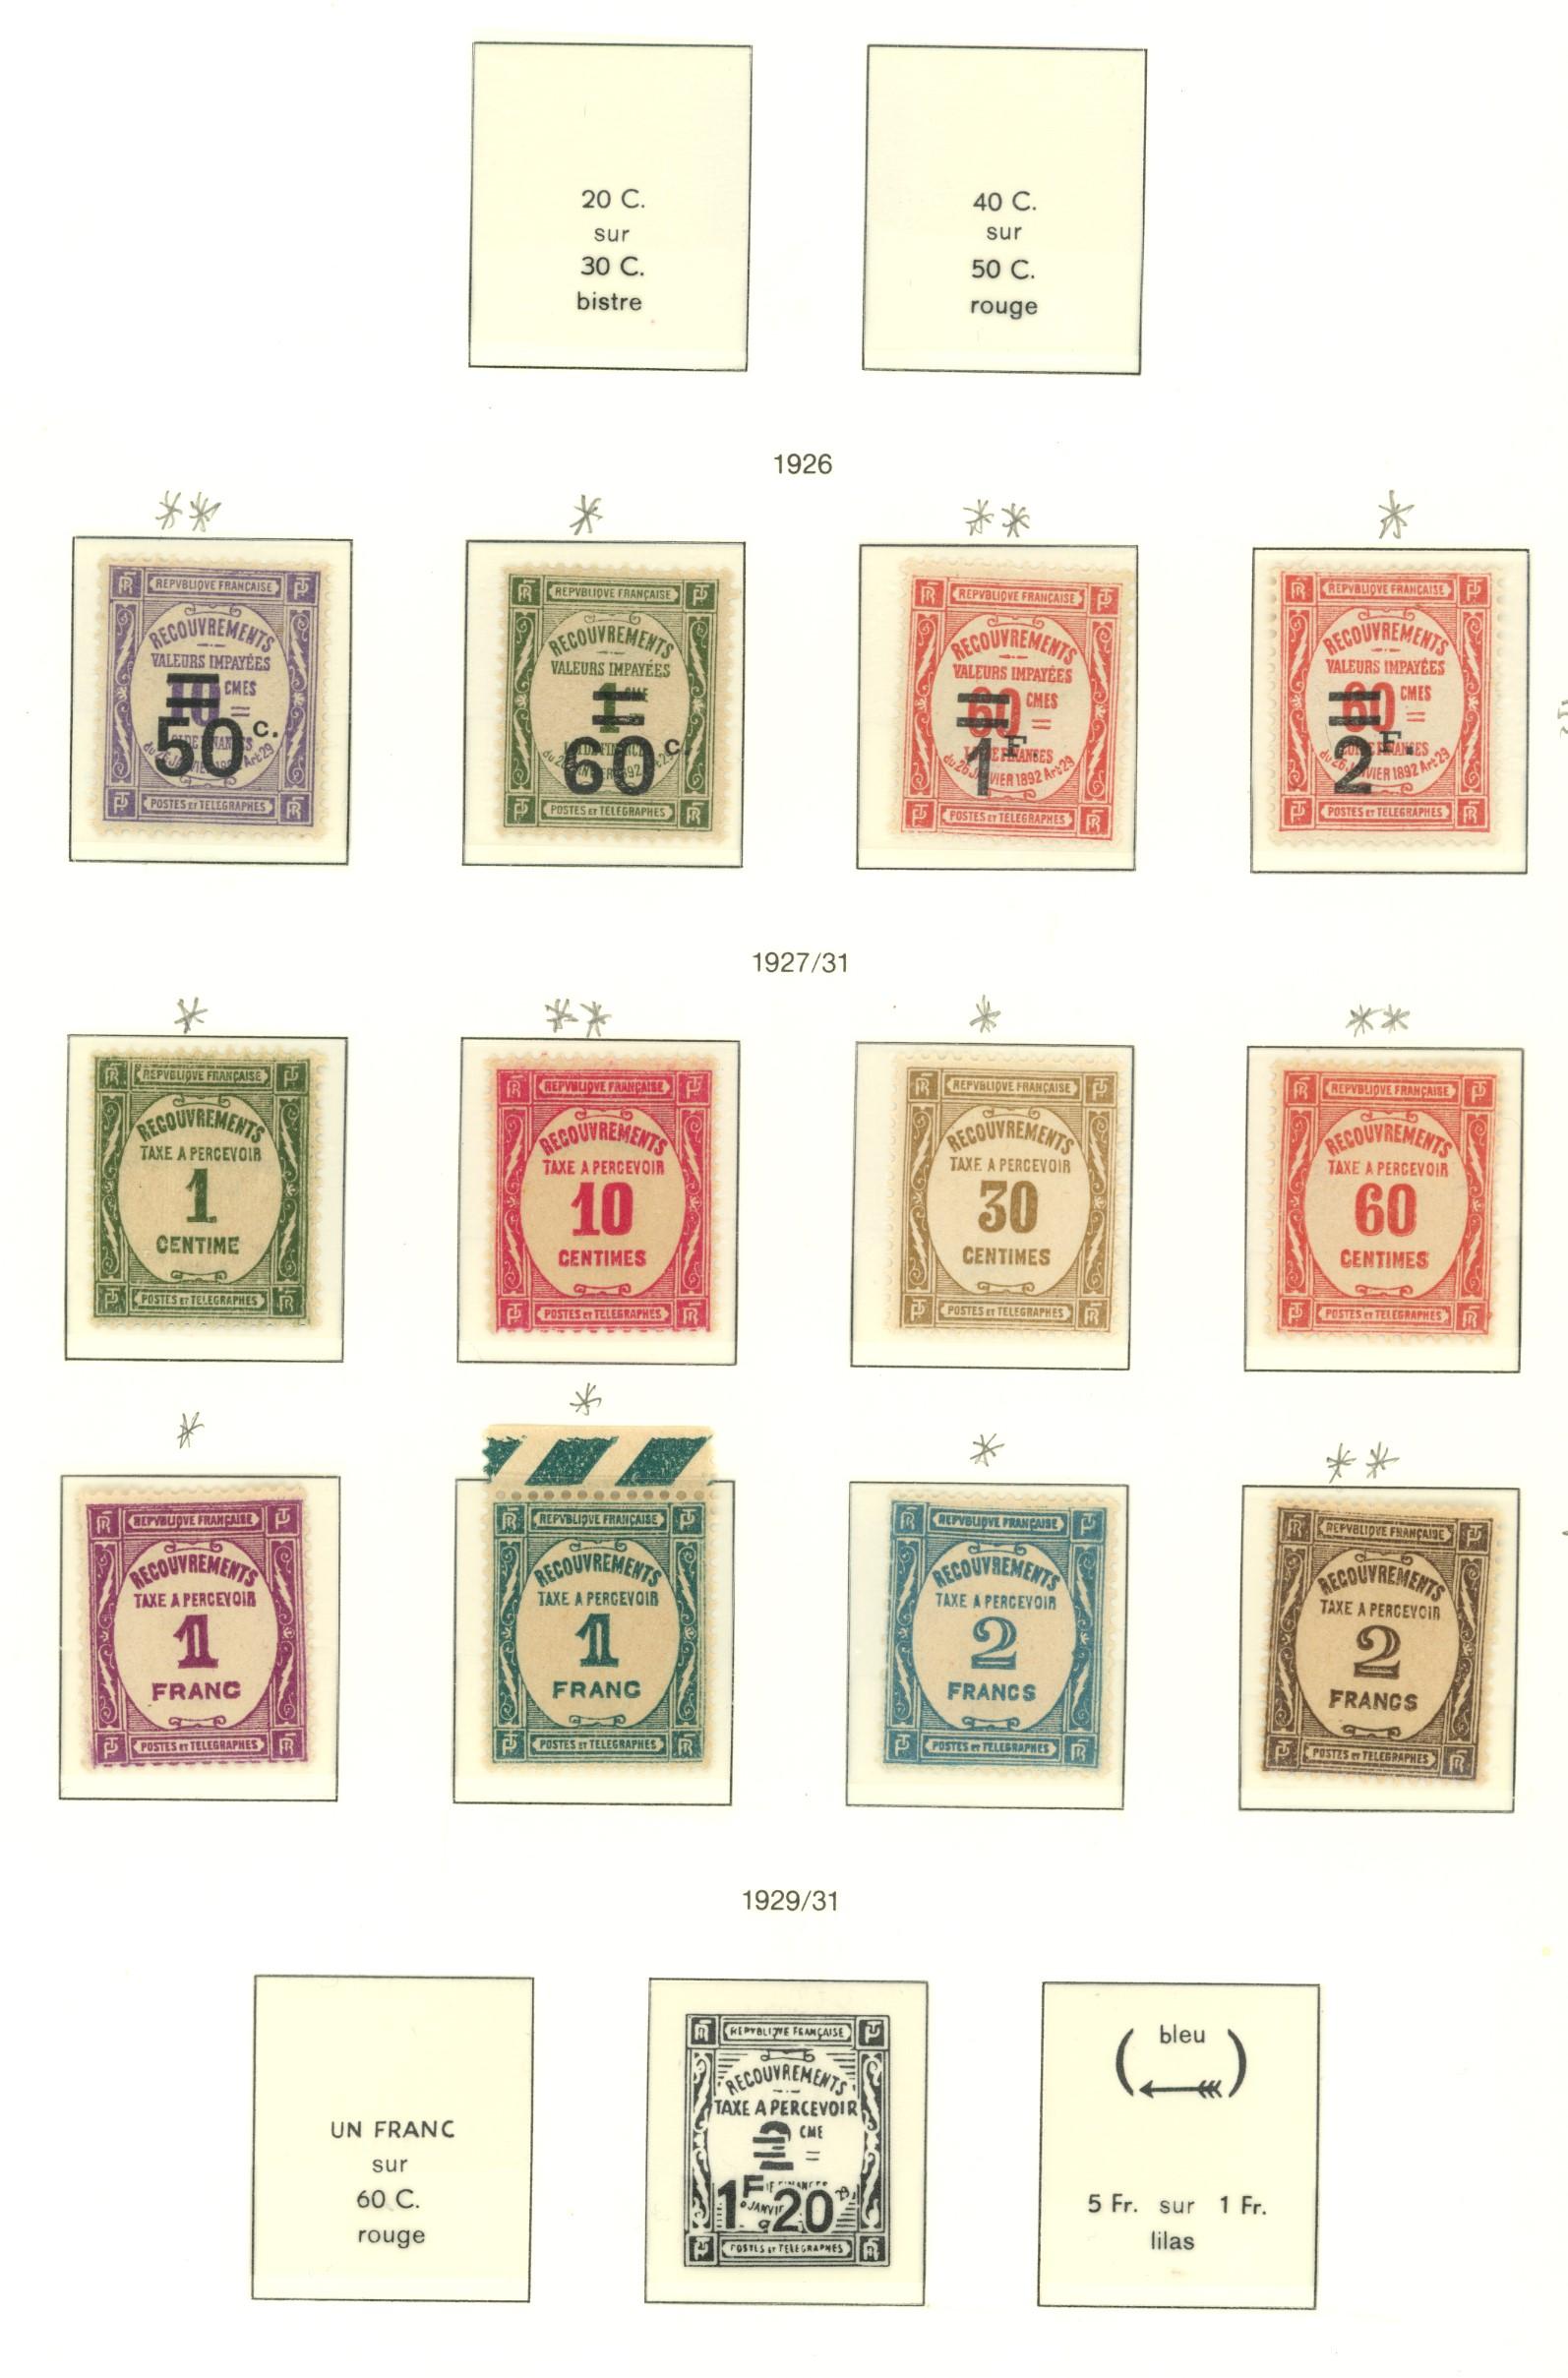 Lot 2301 - Frankrike samlinger/lotter (Michel)  -  Skanfil Auksjoner AS  Public auction 211